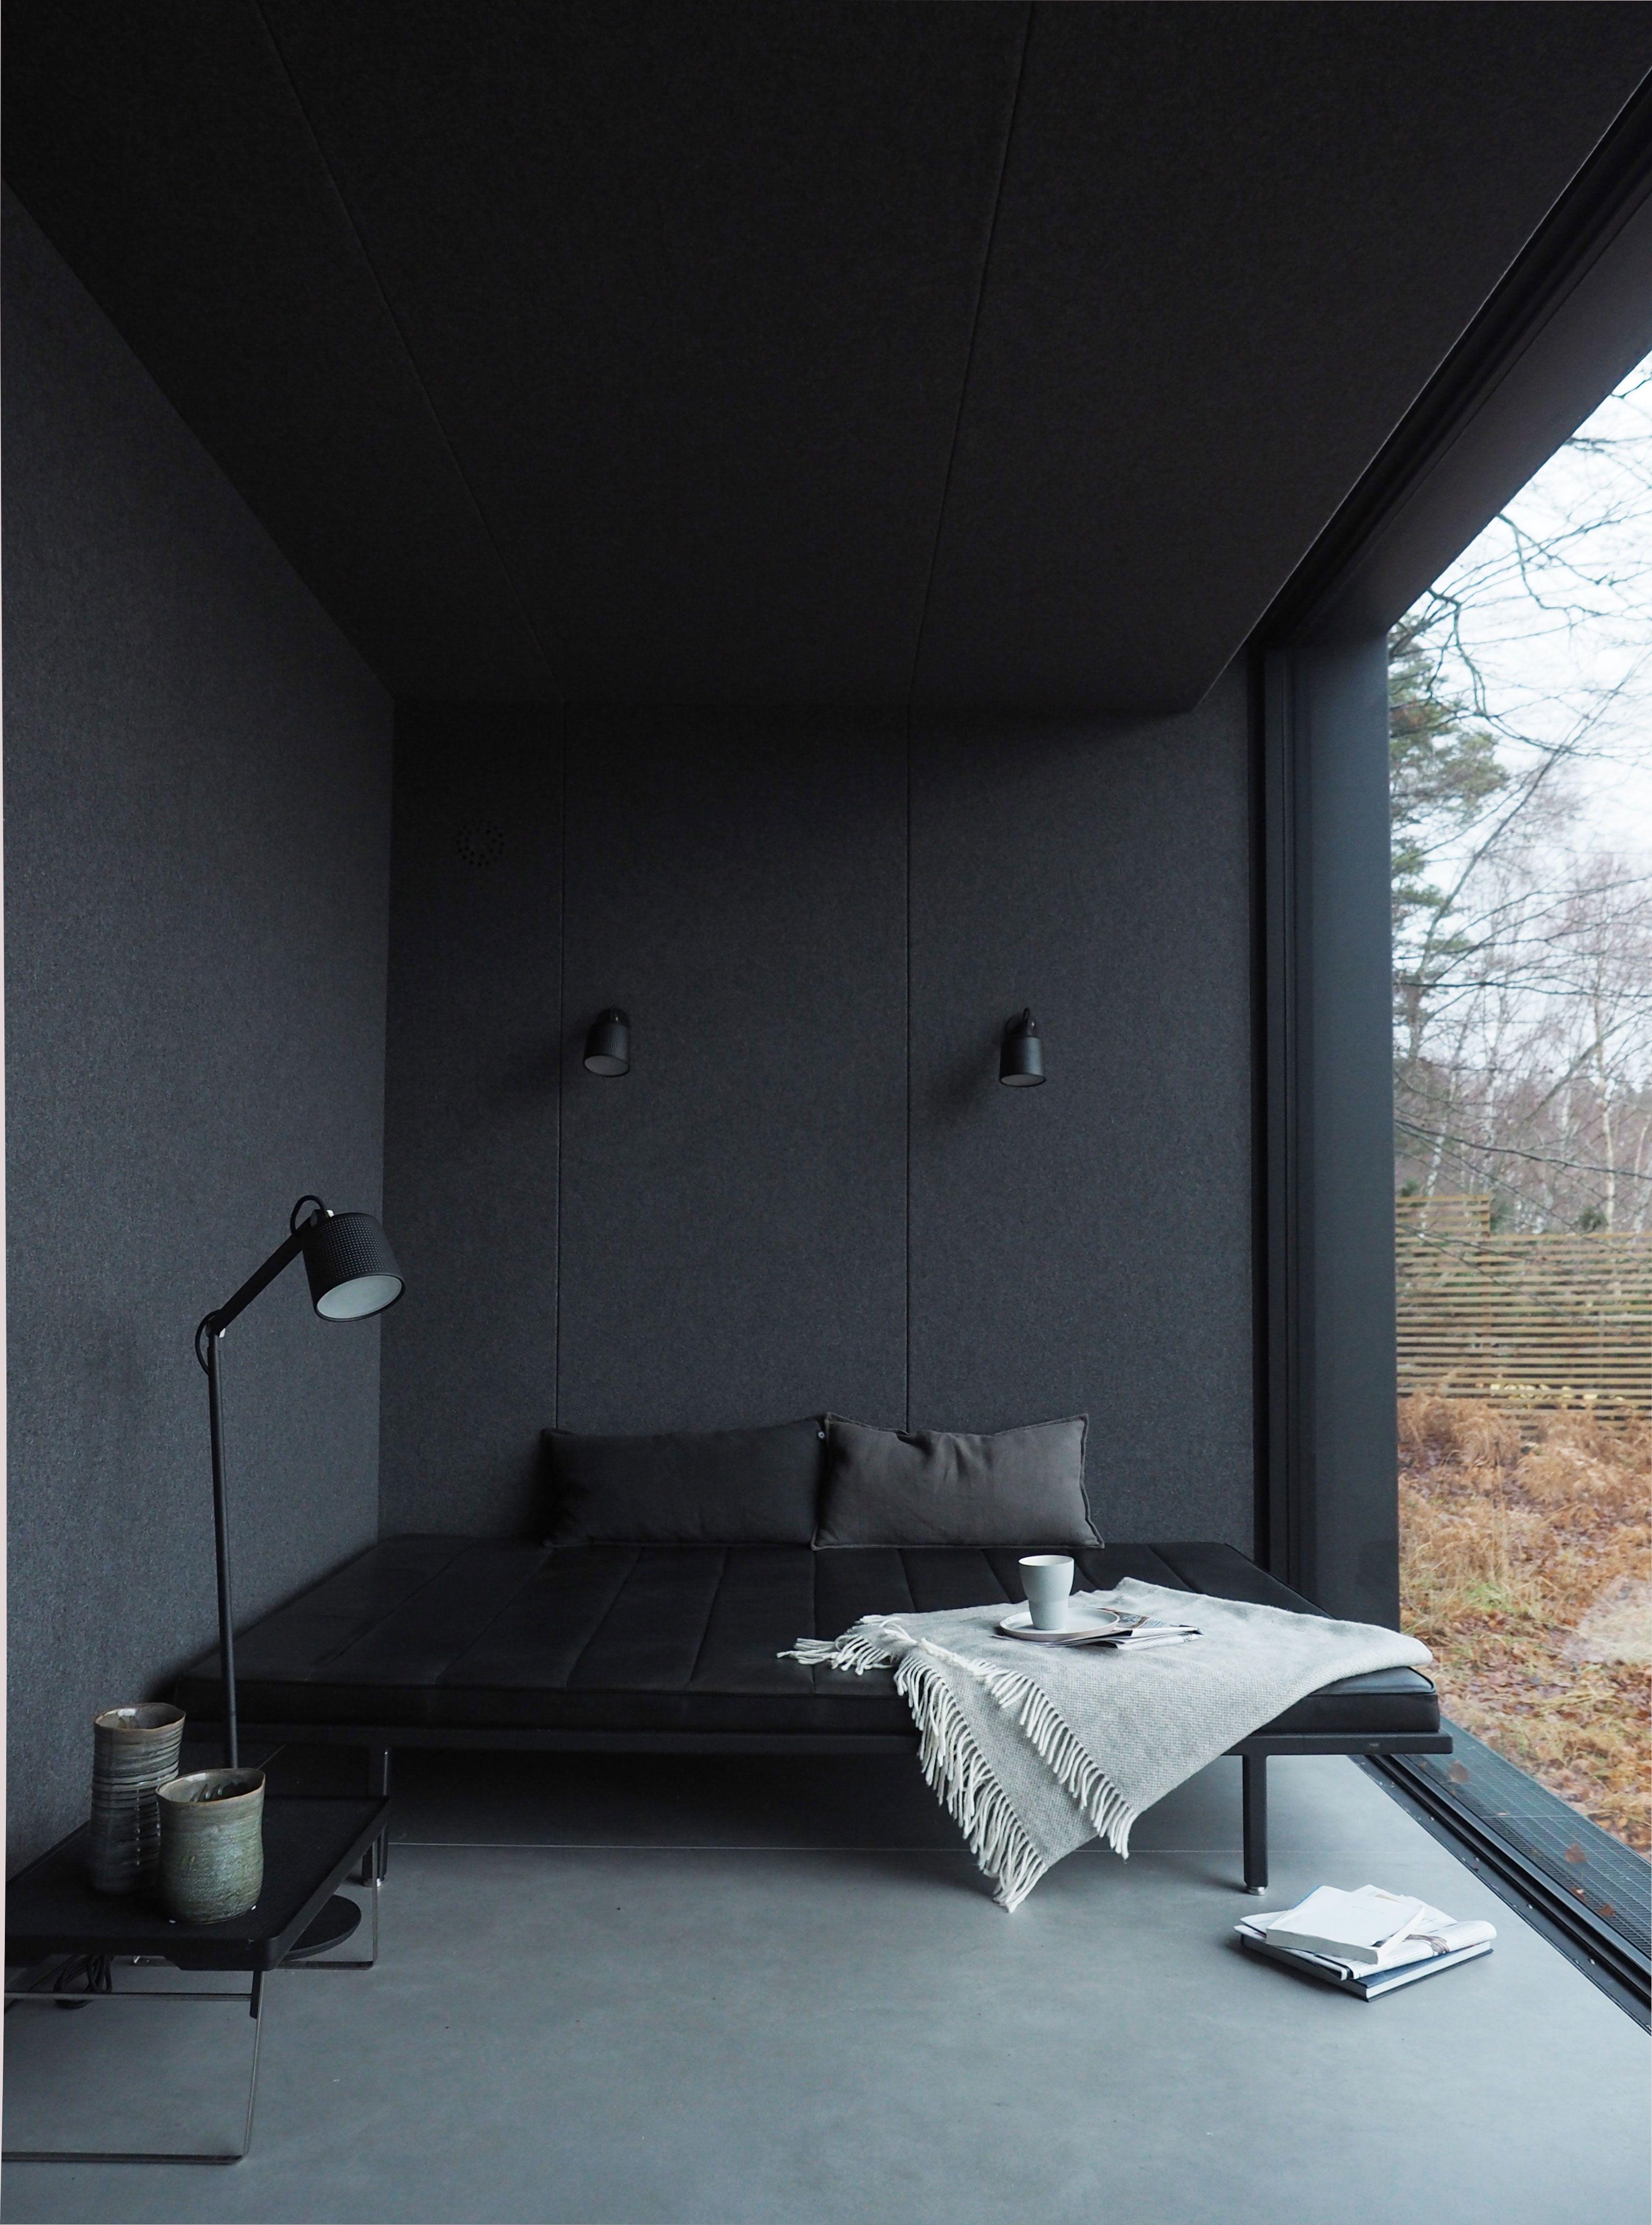 Pin von io auf cosas varias | Pinterest | Schlafzimmer, Design und Möbel